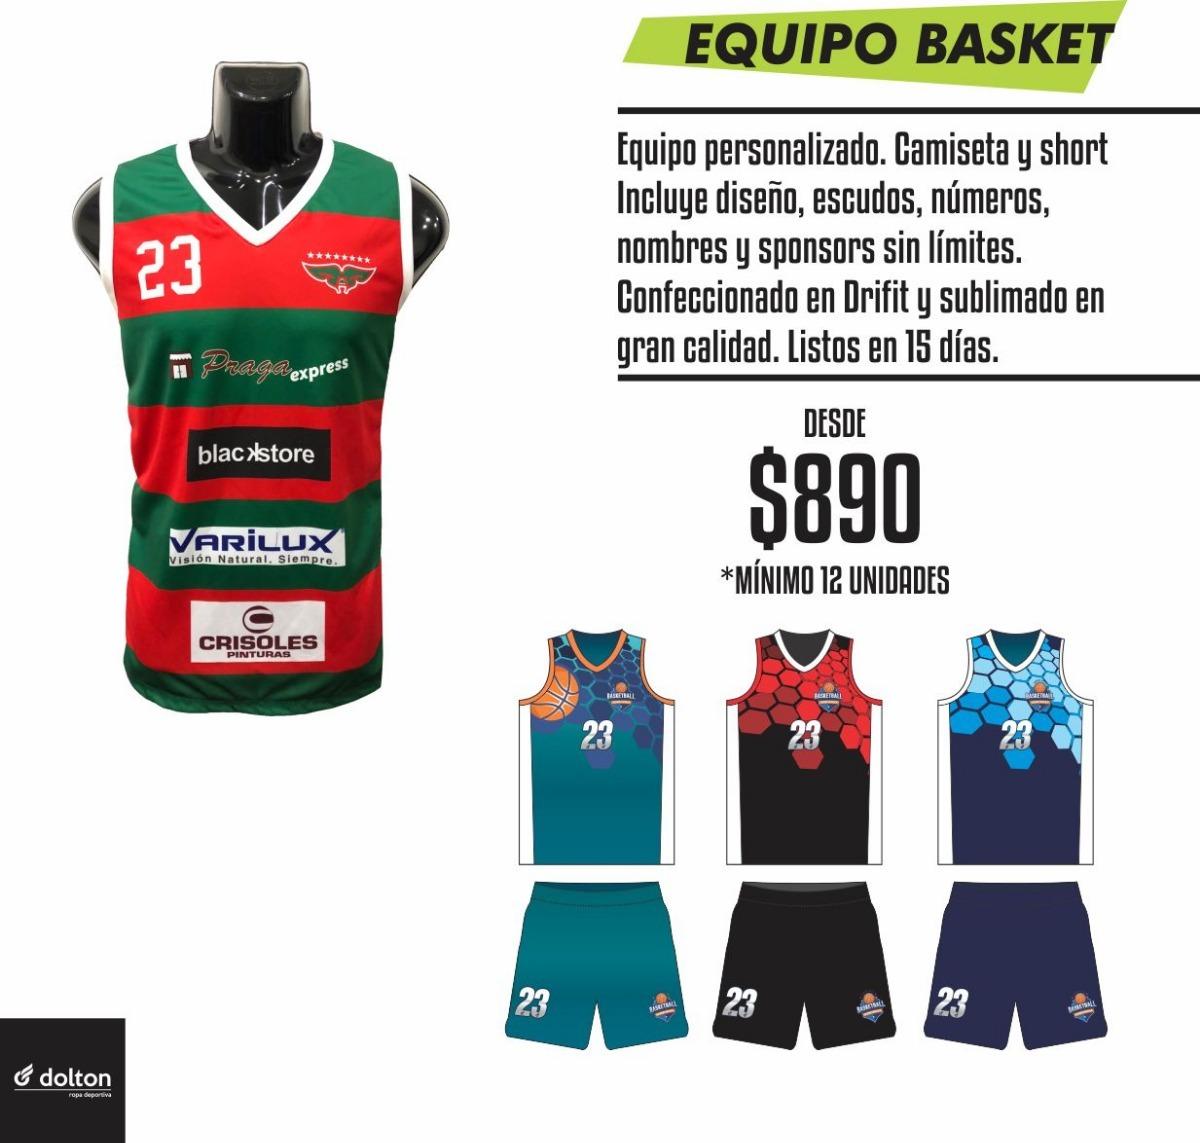 Equipos De Fútbol Y Basket Personalizados -   890 bec95323f5754